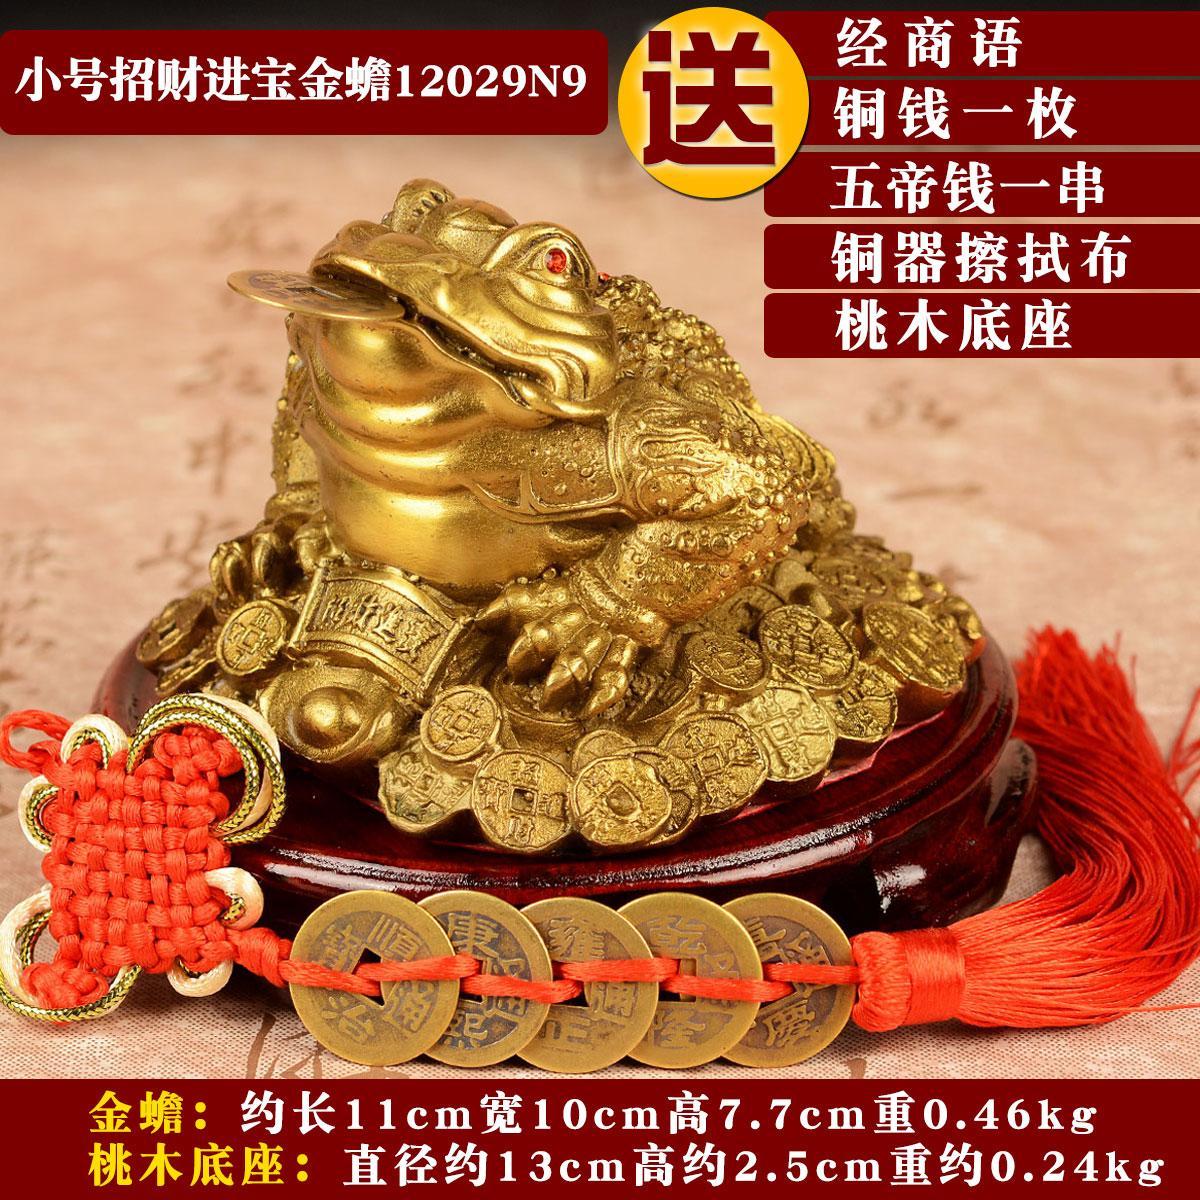 Coupon tại Lazada cho Fengshuige Khai Quang Đồng Nguyên Chất Cóc Ngậm Tiền Vàng Mang May Mắn Vật Trang Trí Giàu Có Phong Thủy Vàng 3 Chân Con Cóc Mở Cửa Hàng Quà Tặng